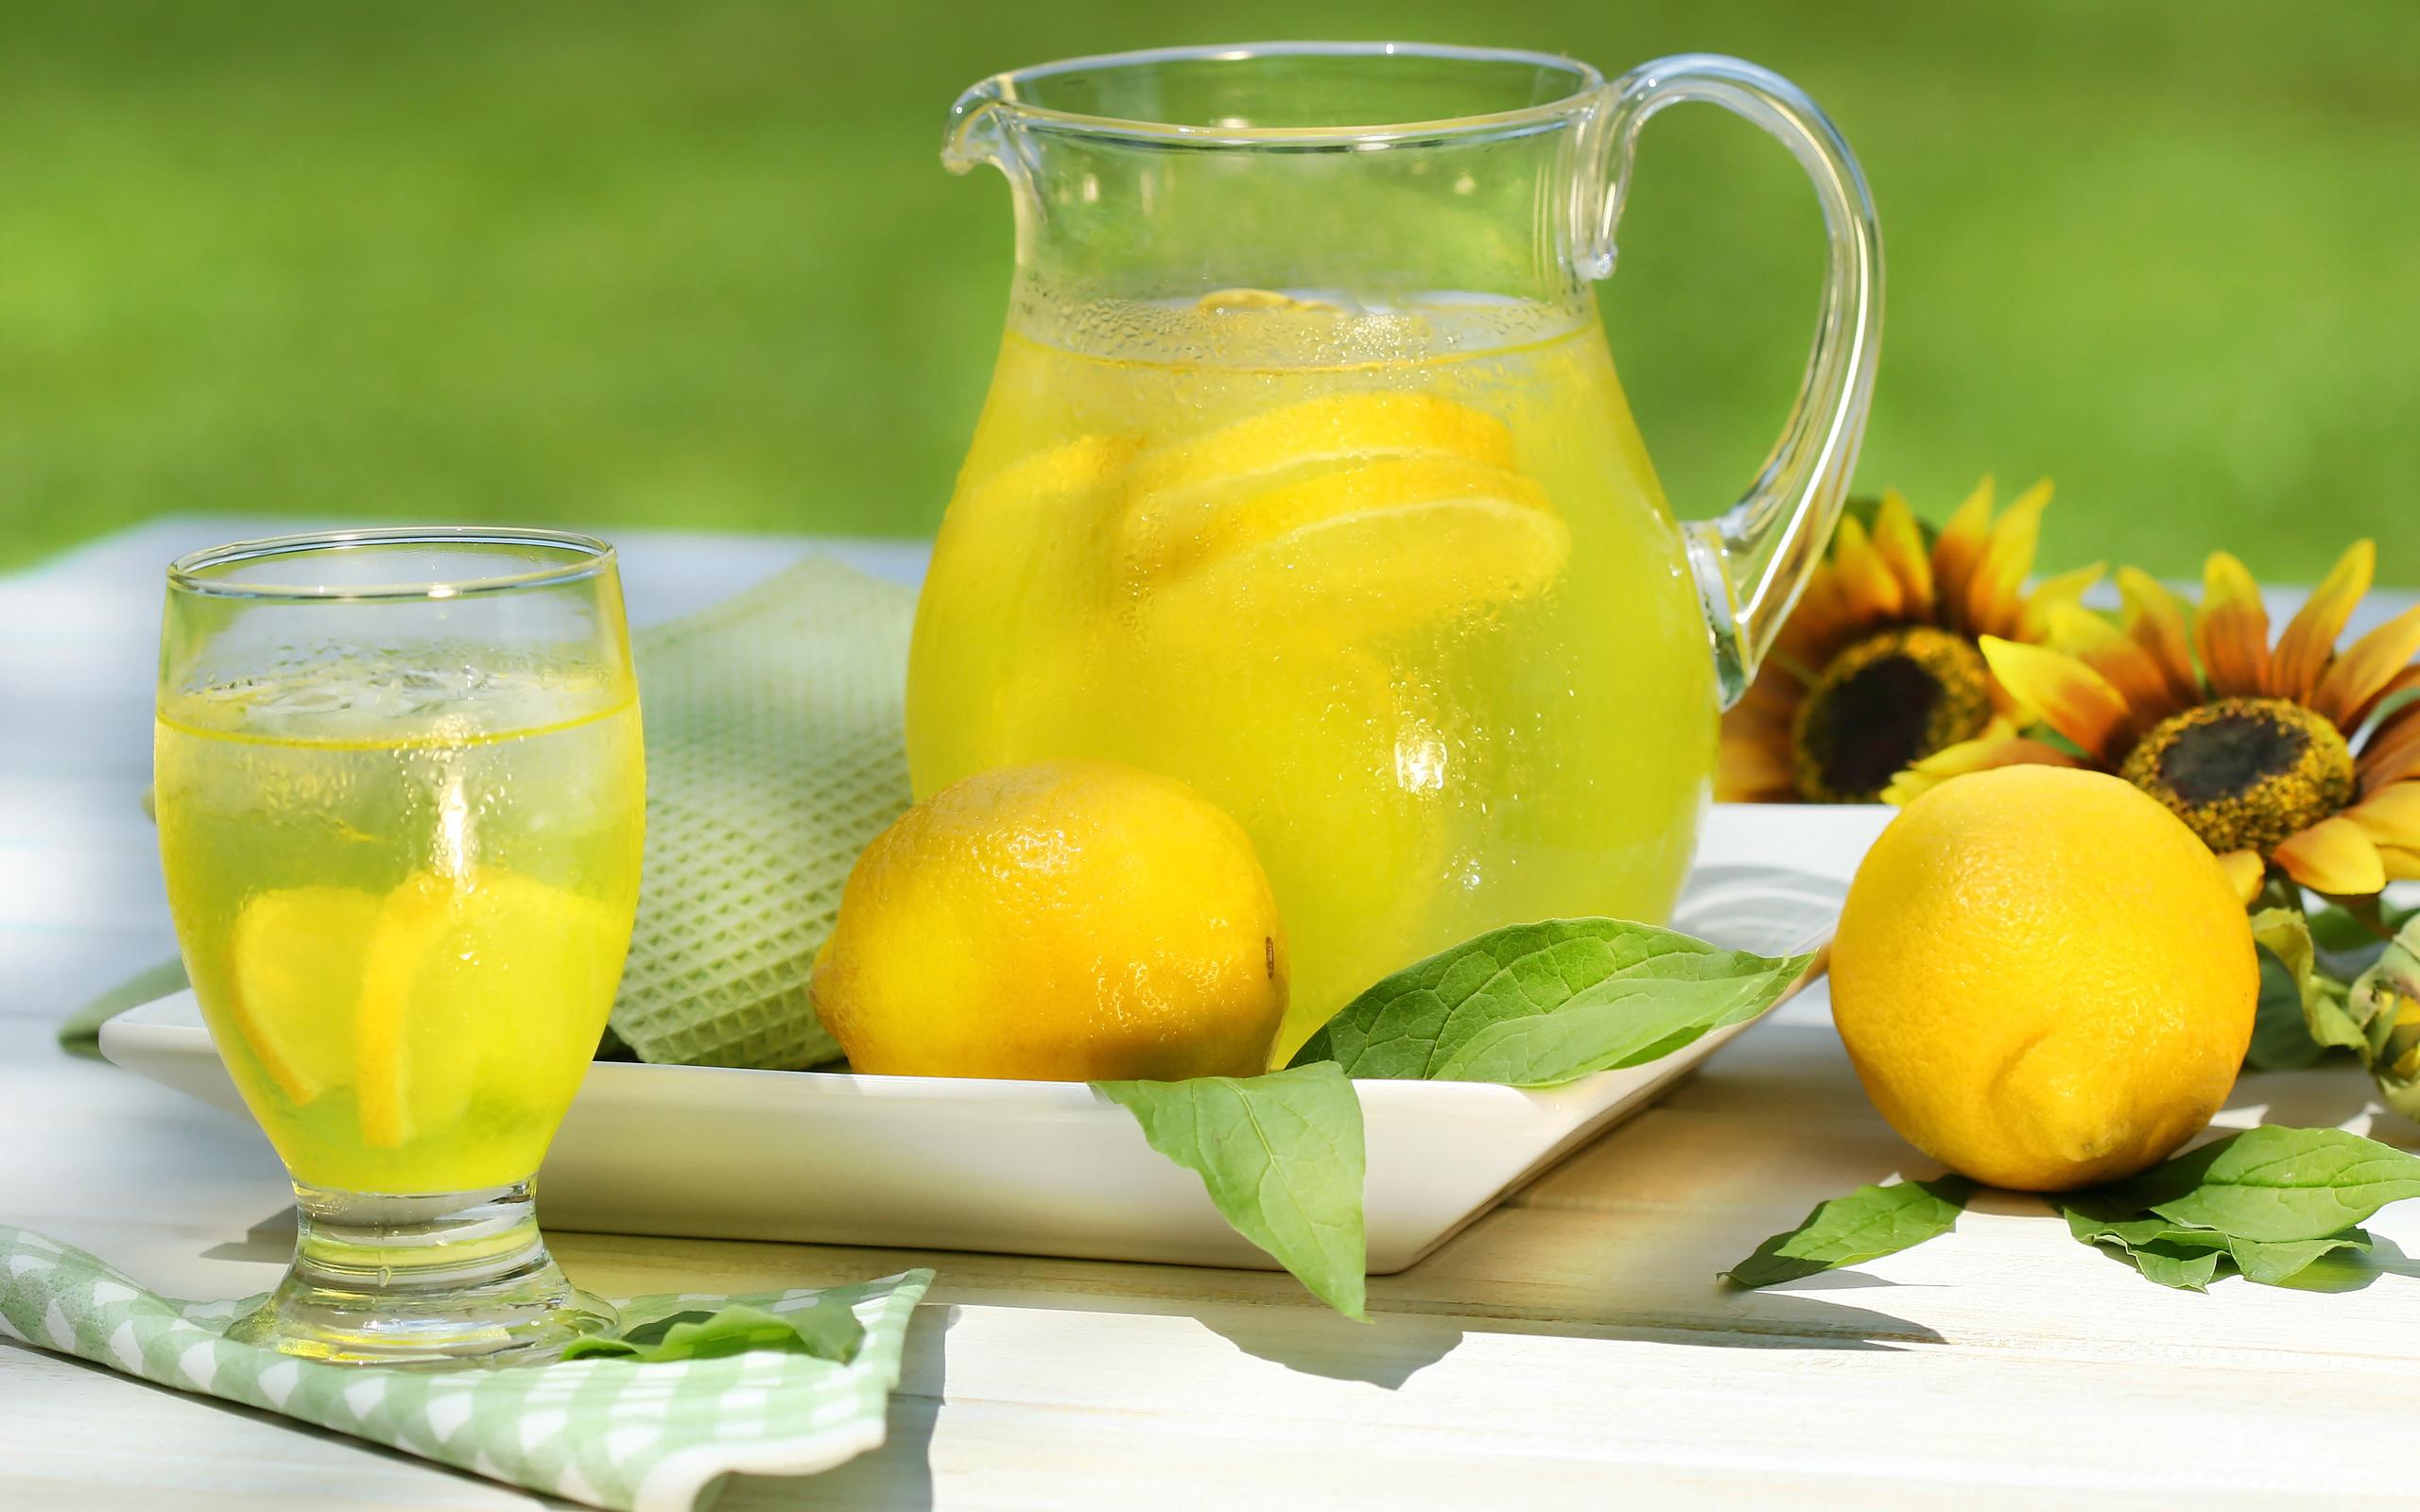 Wonderful Lemonade Wallpaper